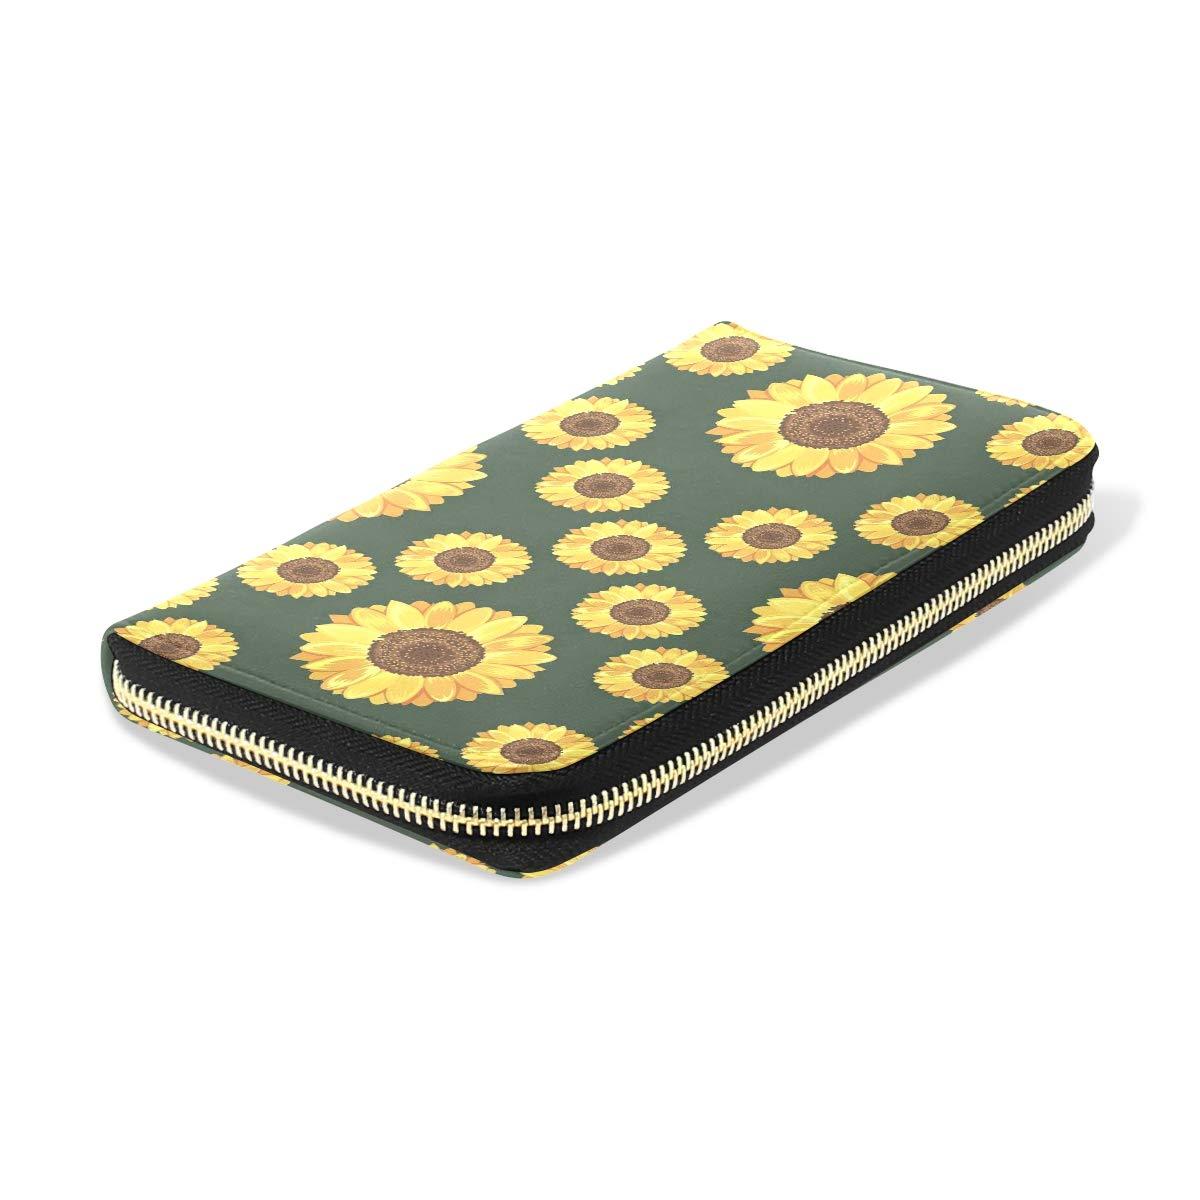 Womens Wallets Best Fall Leaves In Utah Leather Passport Wallet Change Purse Zip Handbags